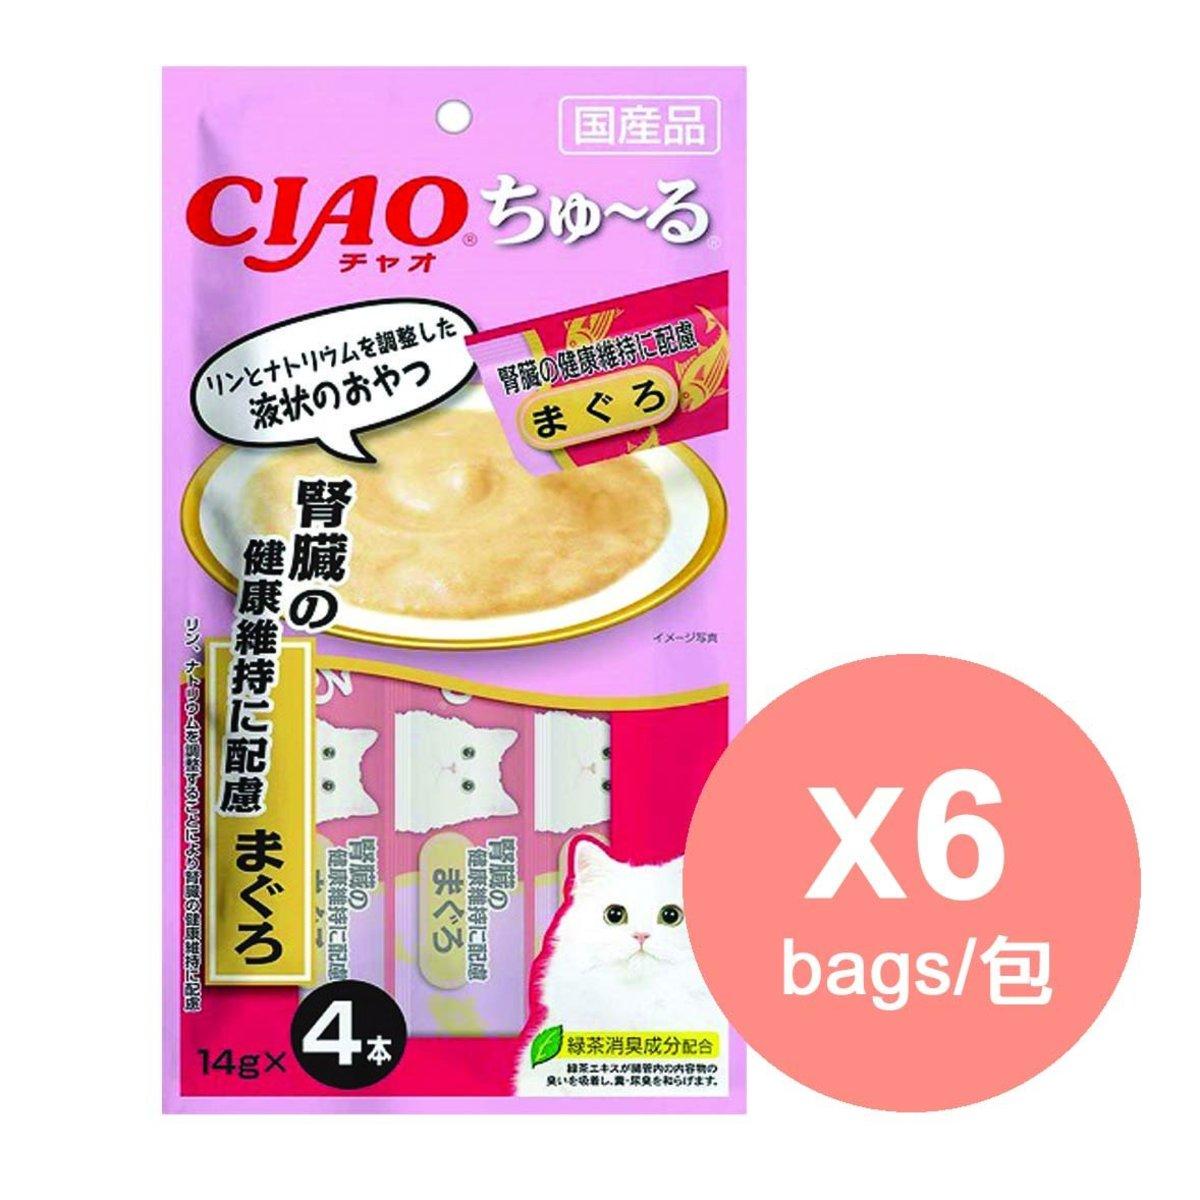 Churu Tuna puree (for kidney health) SC-157x6